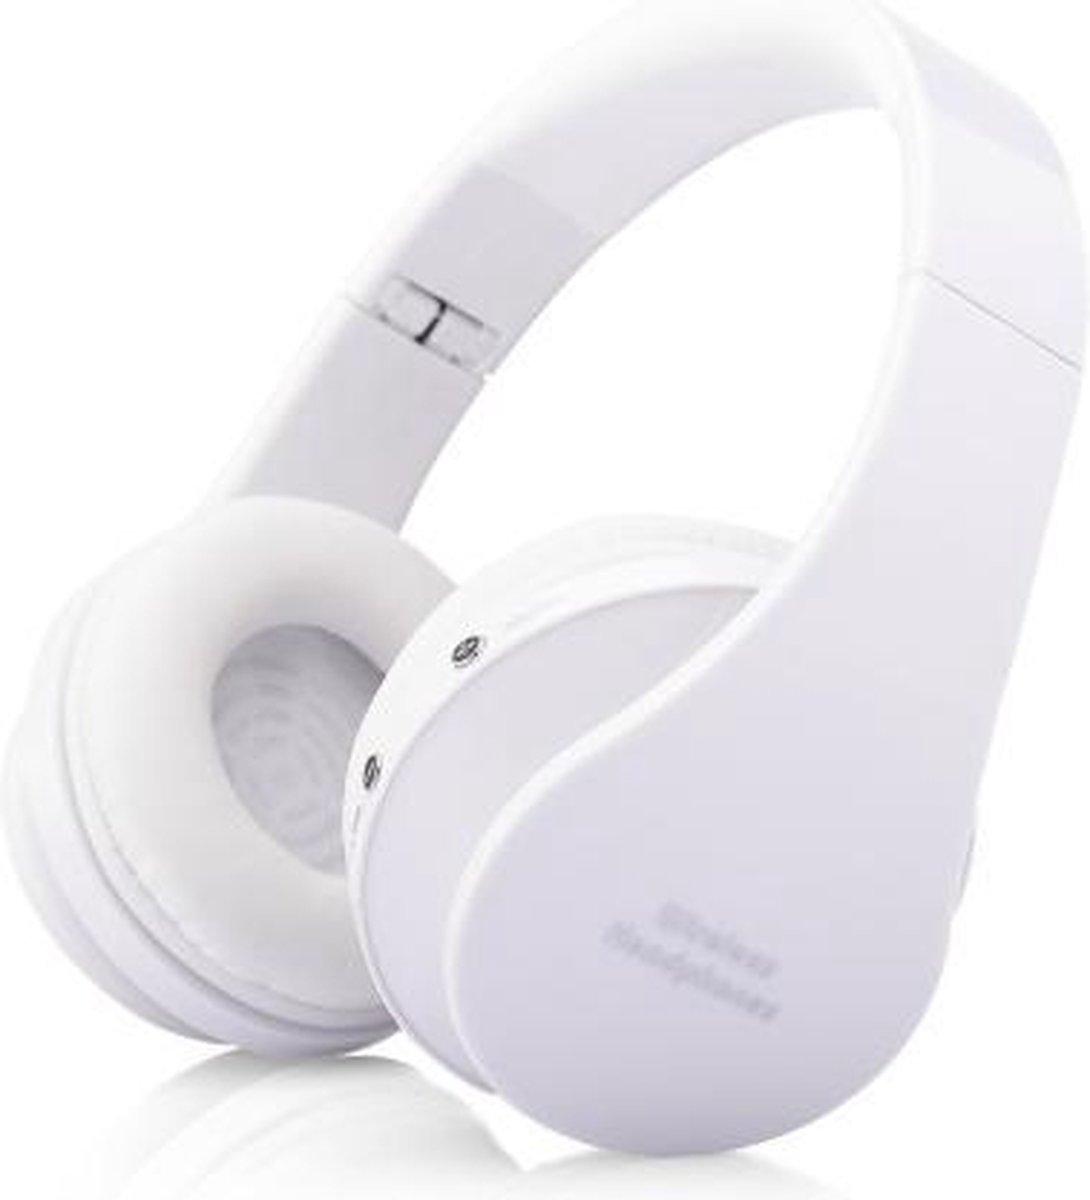 WISEQ Draadloze Kinder Koptelefoon – Bluetooth Koptelefoon voor Kinderen – on ear – 8 uur muziek   wit